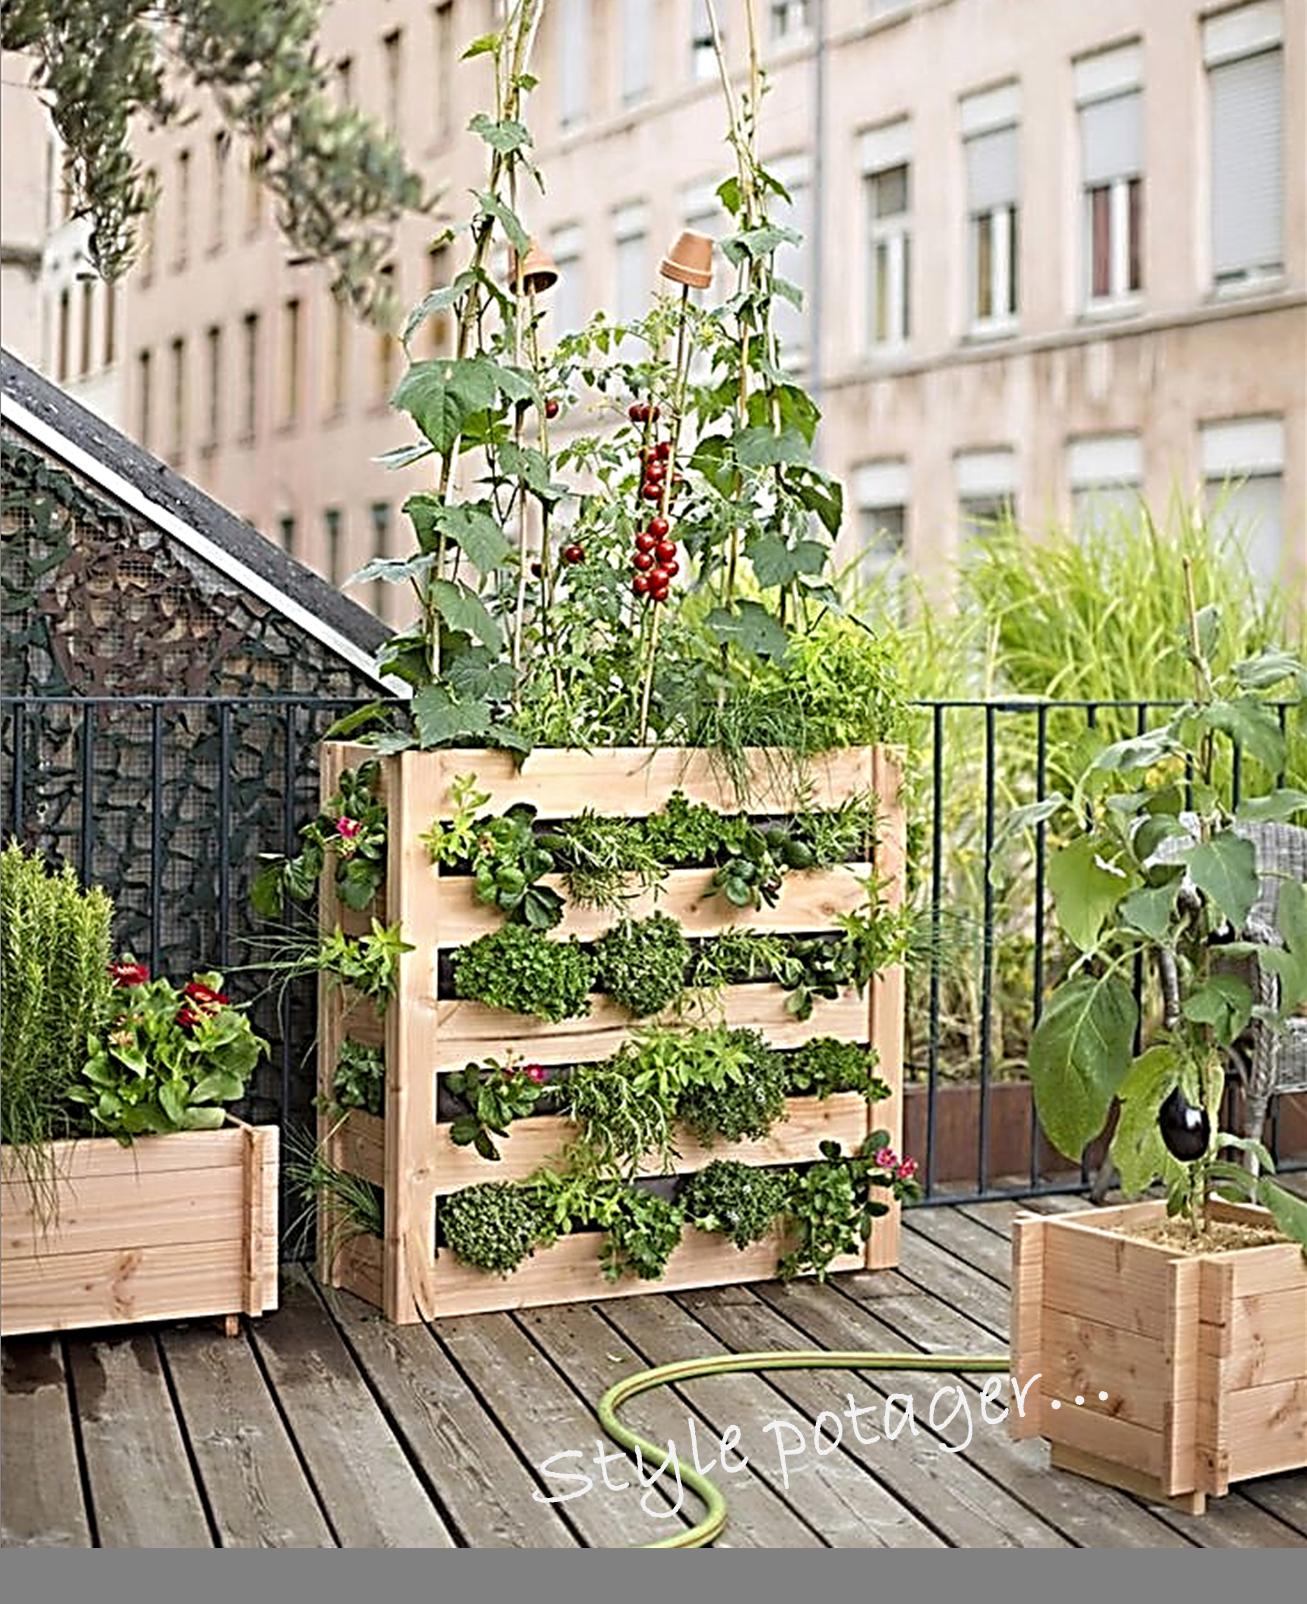 Style potager decoration ext rieure2 estelle jubelin reims for Deco jardin potager